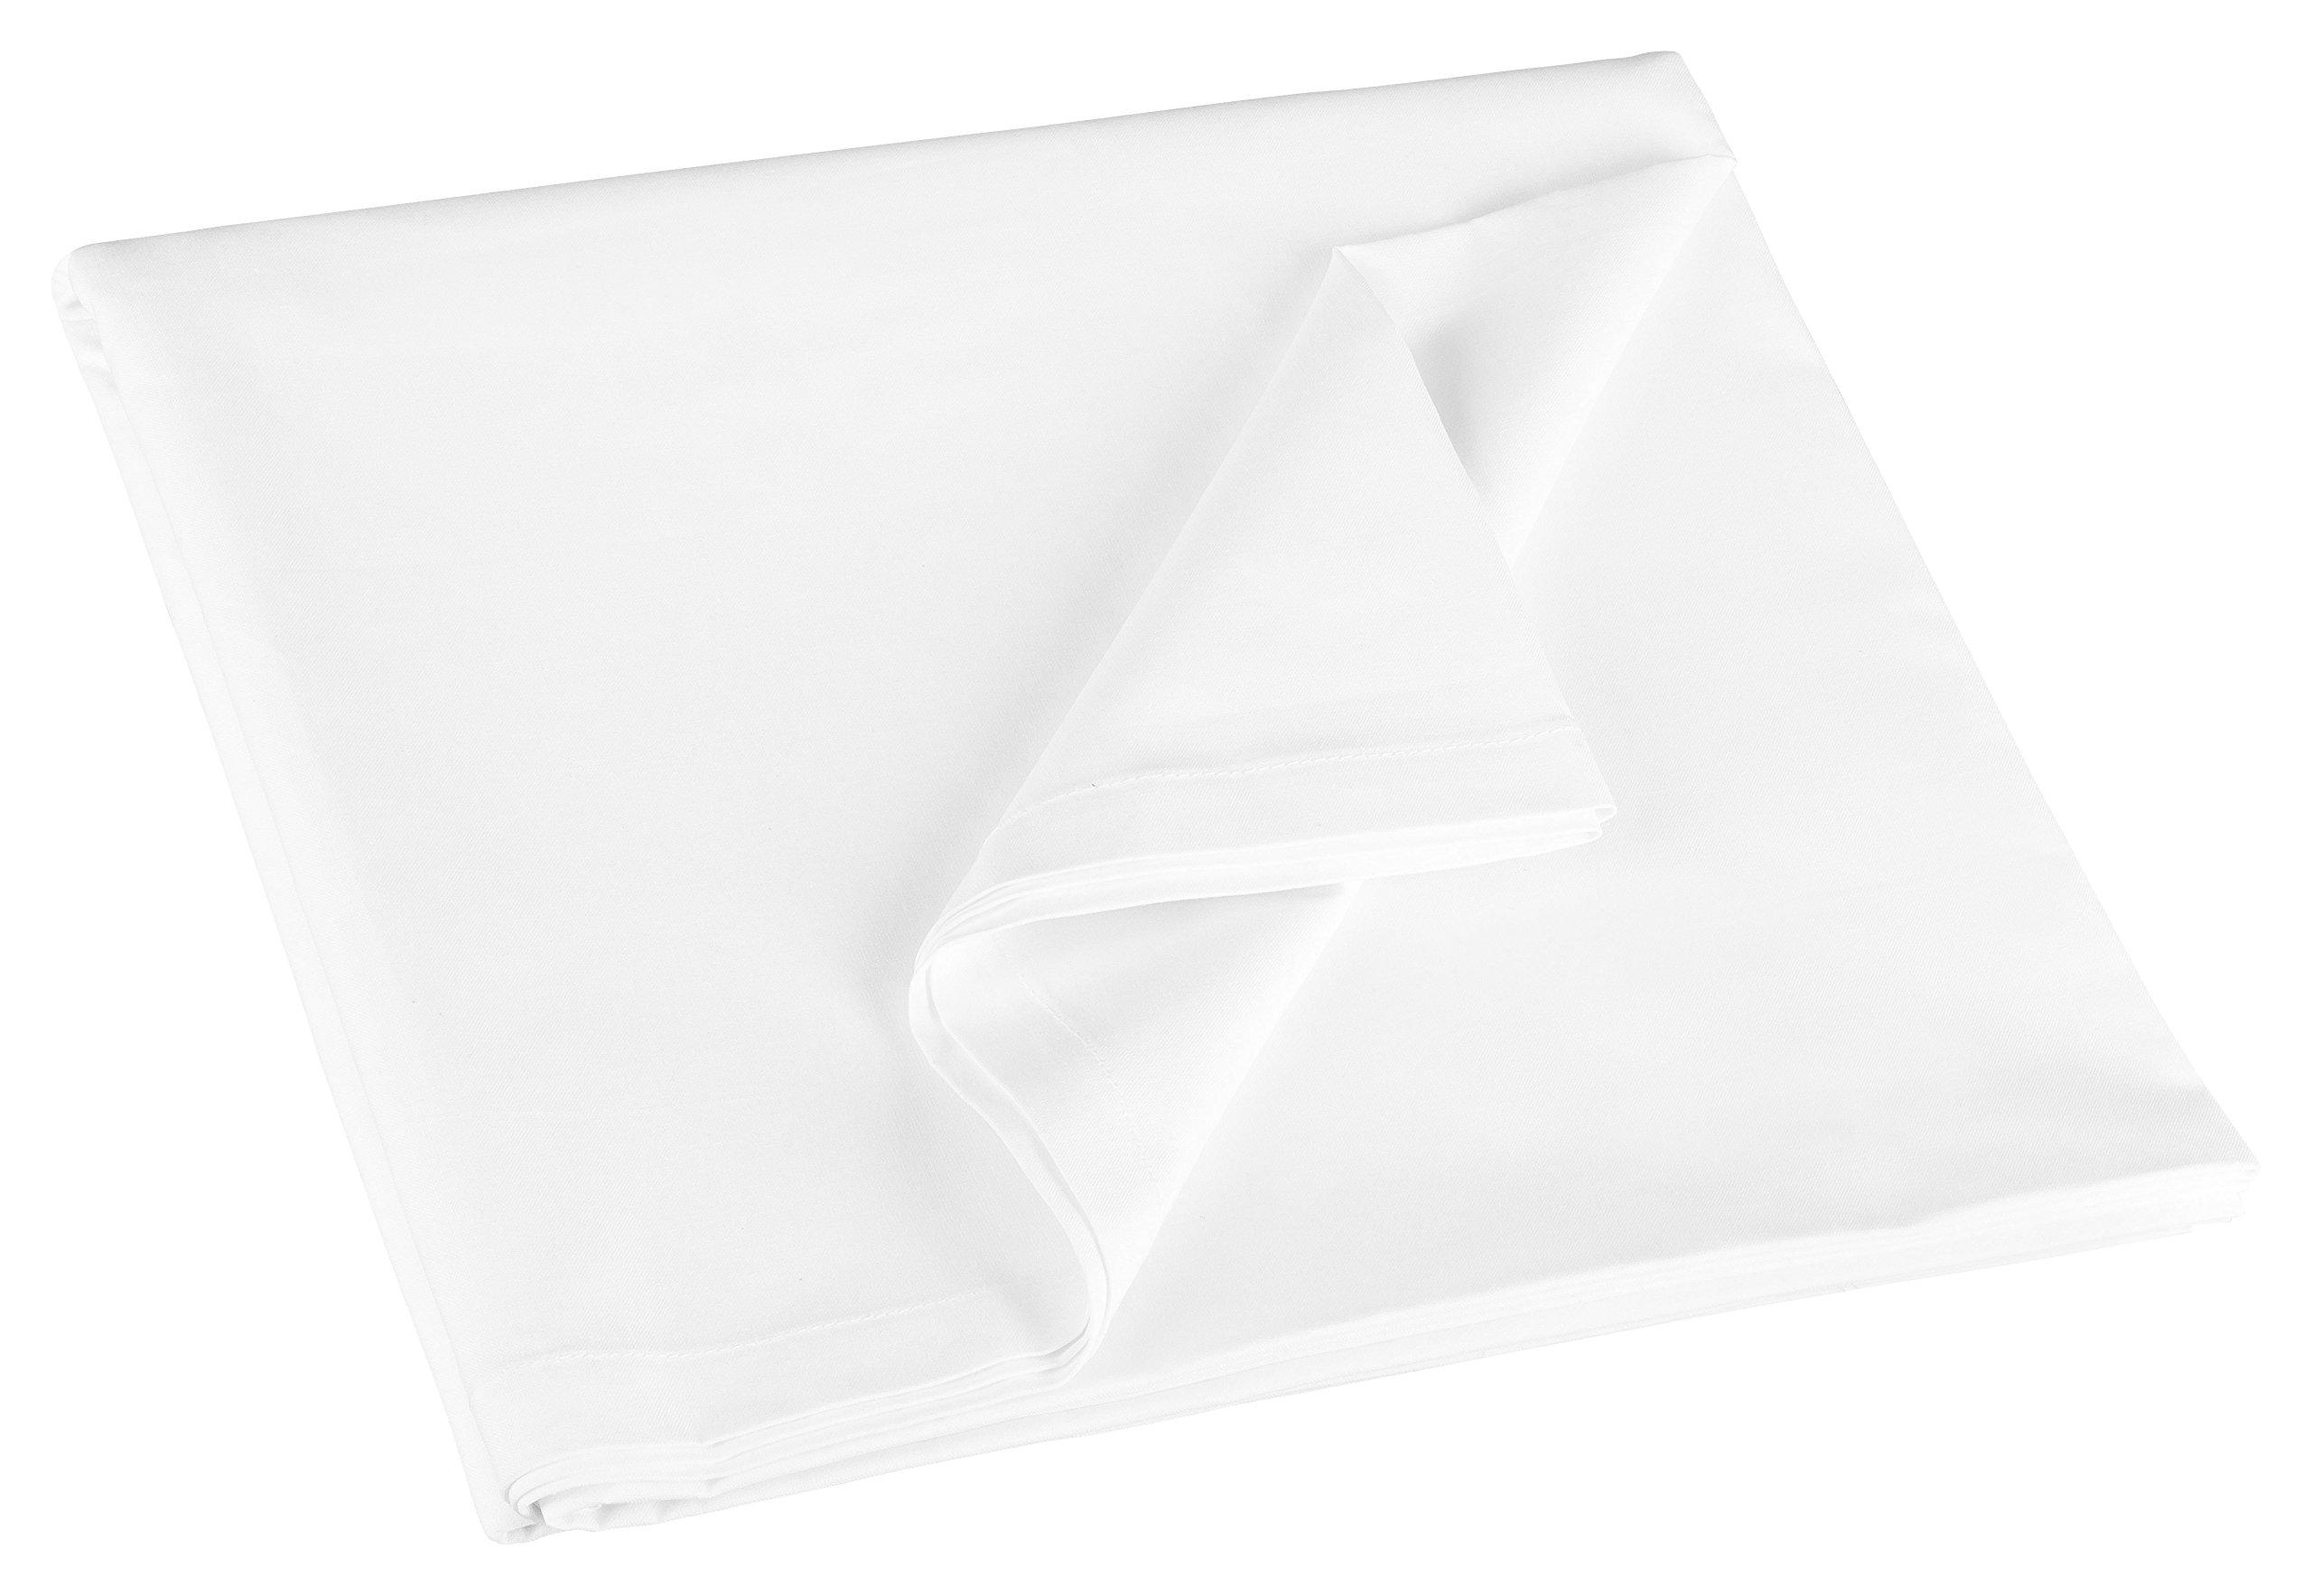 Zollner Bettlaken Betttuch aus Baumwolle, ca. 150x260 cm, ca. 180x290 cm oder ca. 300x300 cm